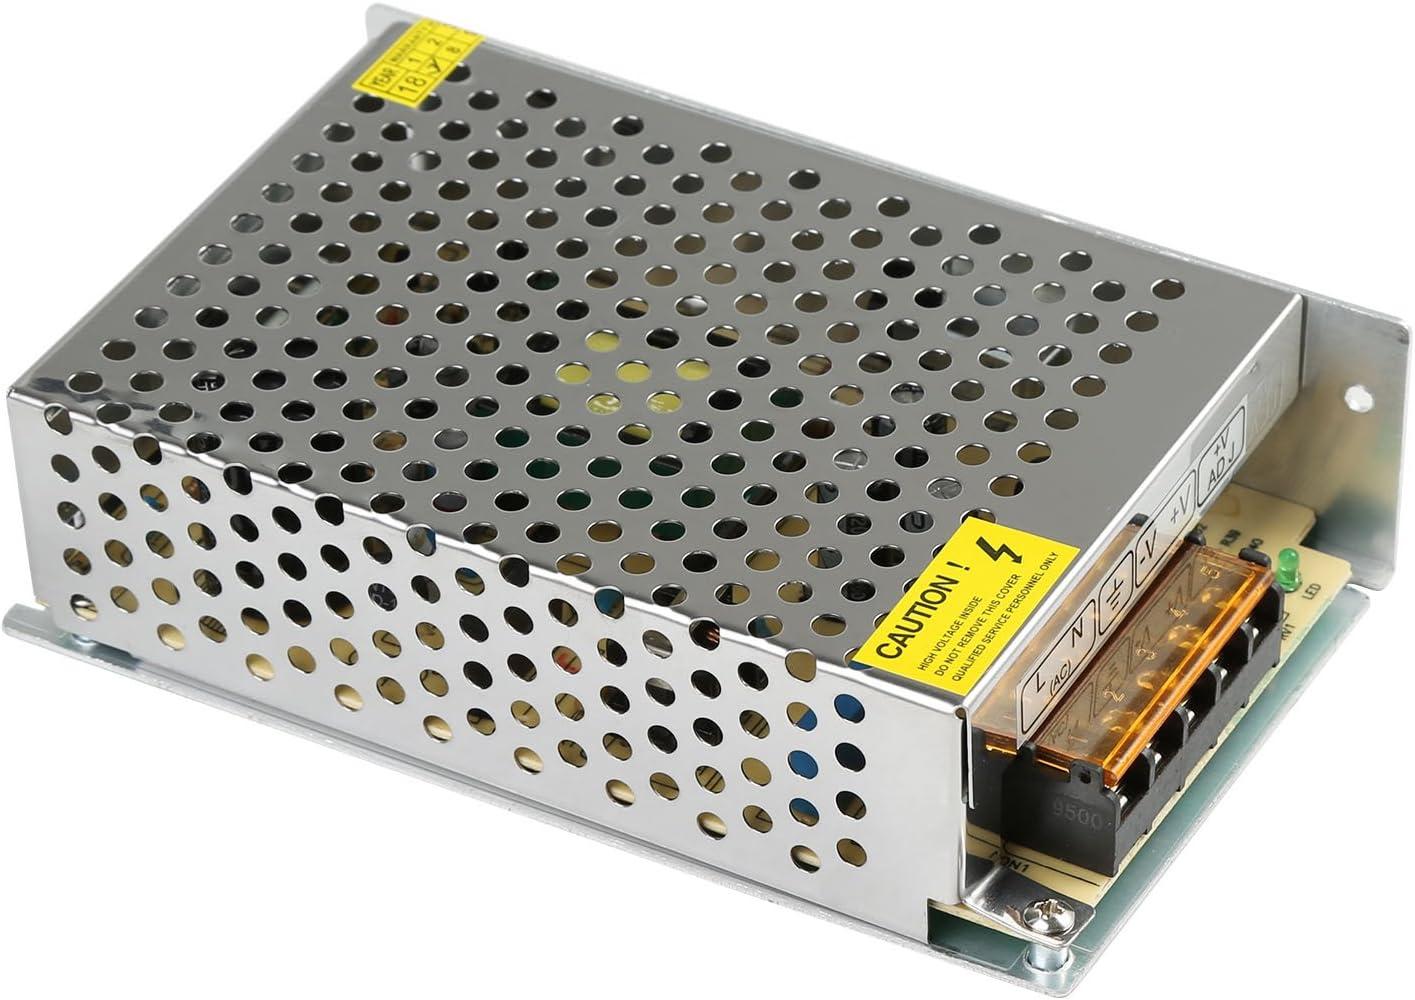 LEADSTAR 12V 5A 60W Fuente de Alimentación Conmutada AC-DC Transformador cConvertidor para la Vigilancia de Circuito Cerrado de Televisión Tira de LED Strip